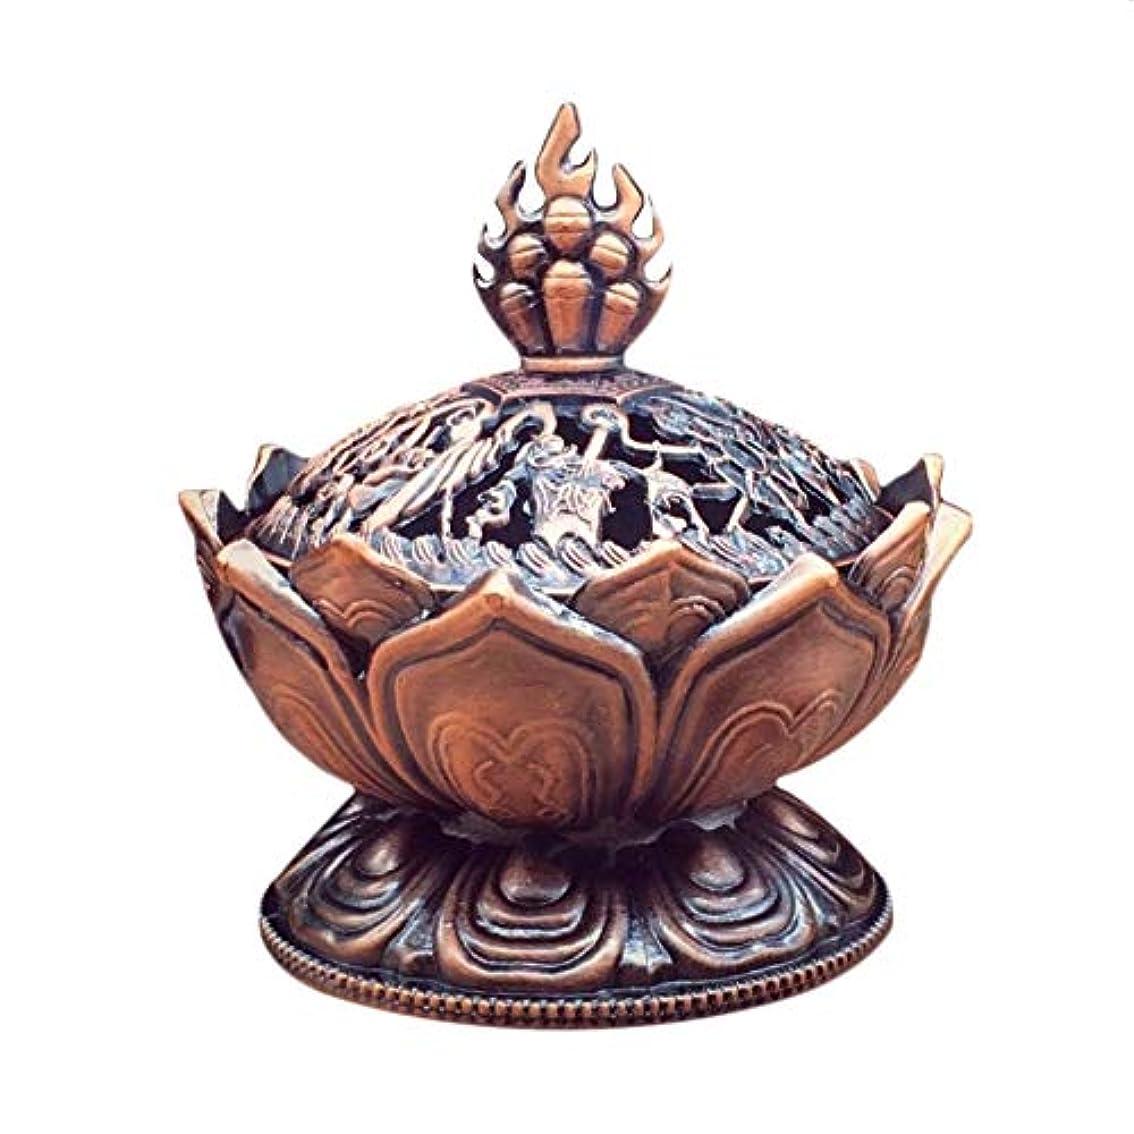 打ち上げる九月プーノBonni 聖チベットロータスデザイン香炉亜鉛合金ブロンズミニ香炉香炉金属工芸家の装飾